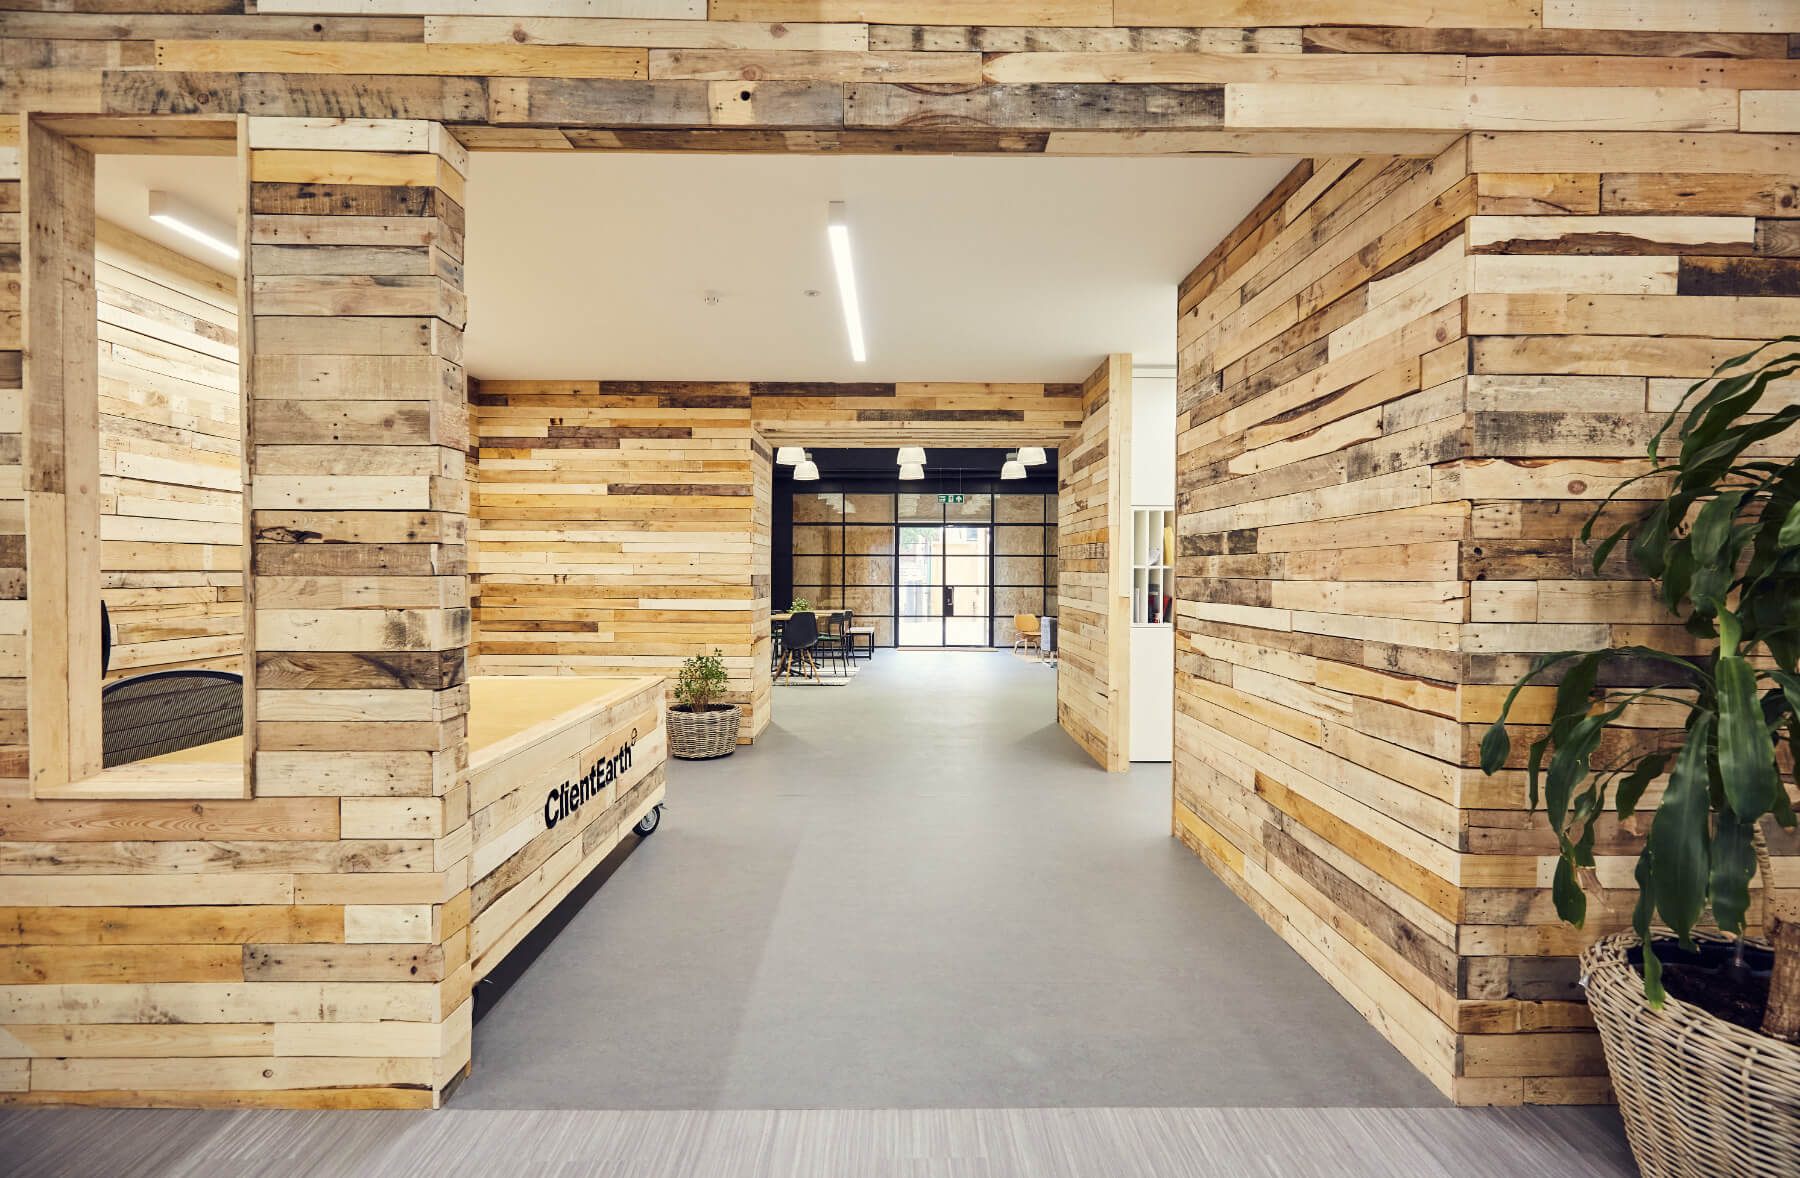 Không gian Rustic ấn tượng từ màu nâu của gỗ, nội thất đơn sơ, thân thiện chắc chắn sẽ tạo ấn tượng và giảm bớt căng thẳng khi làm việc của nhân viên (Nguồn Internet)